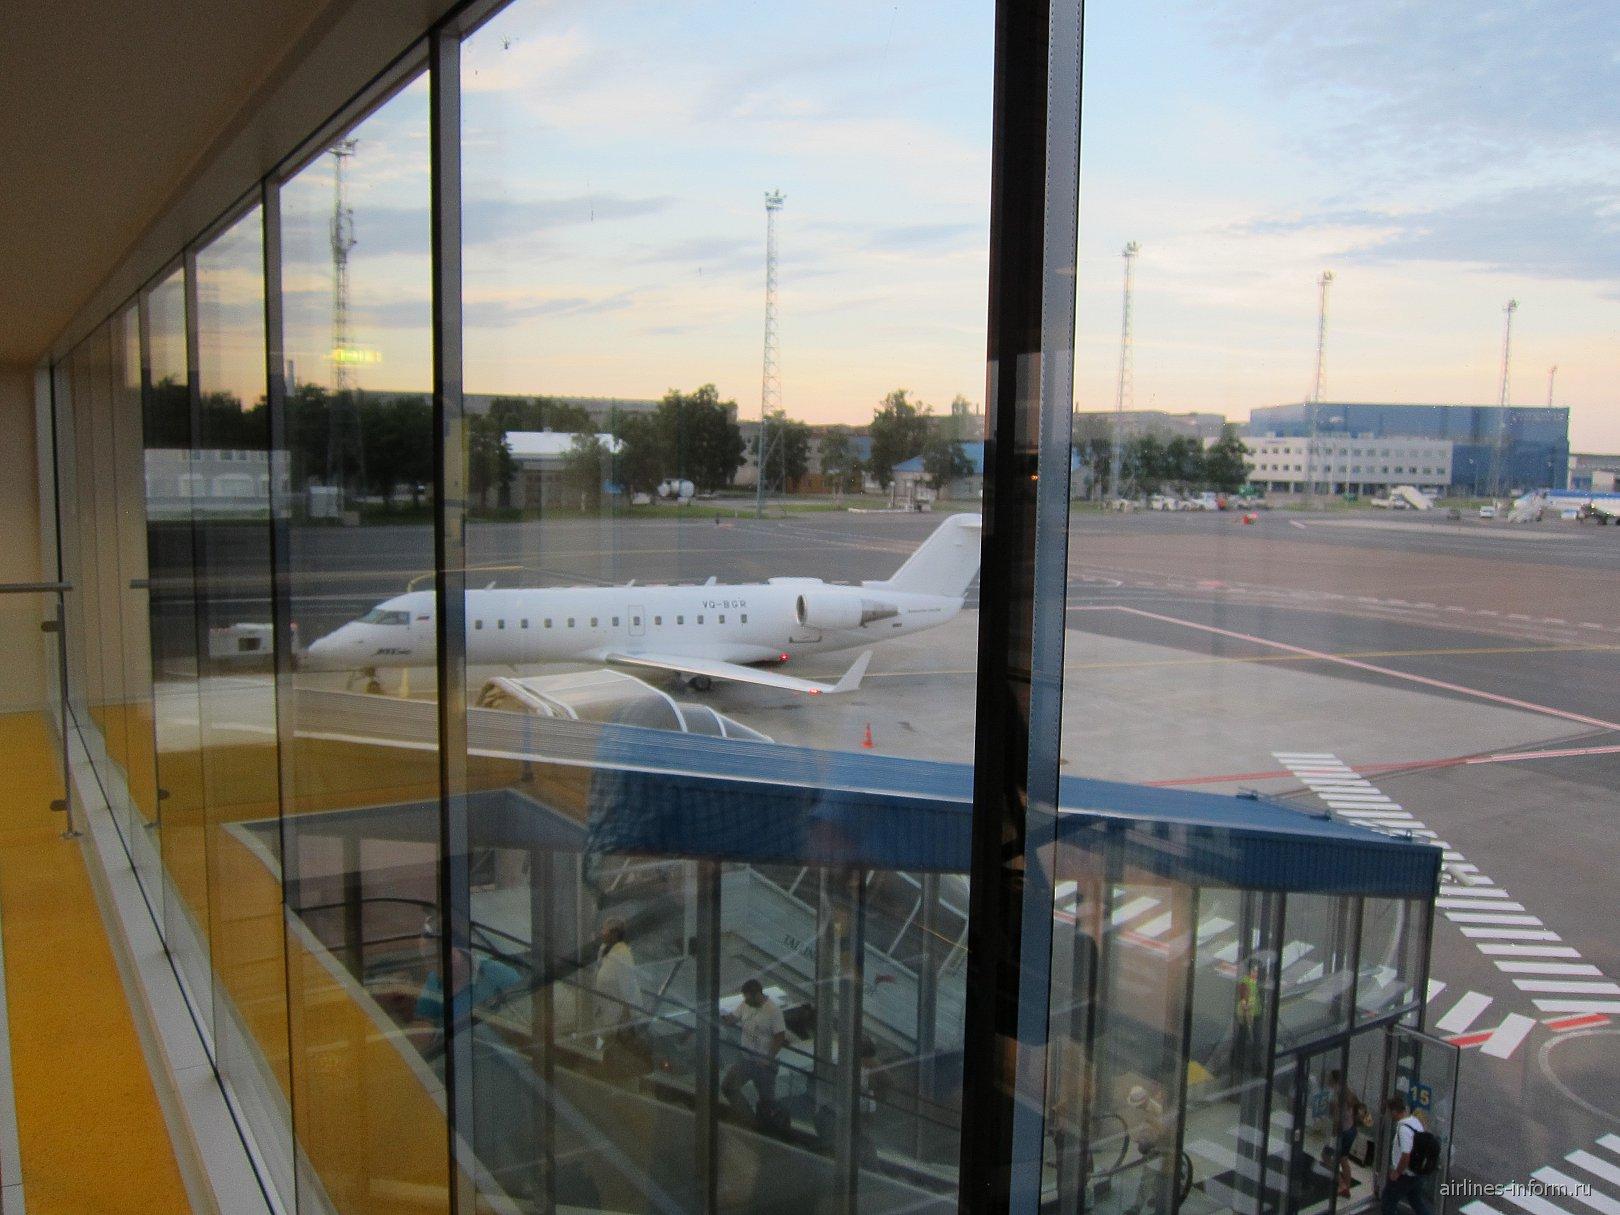 рейс ЮТэйр Москва-Таллинн